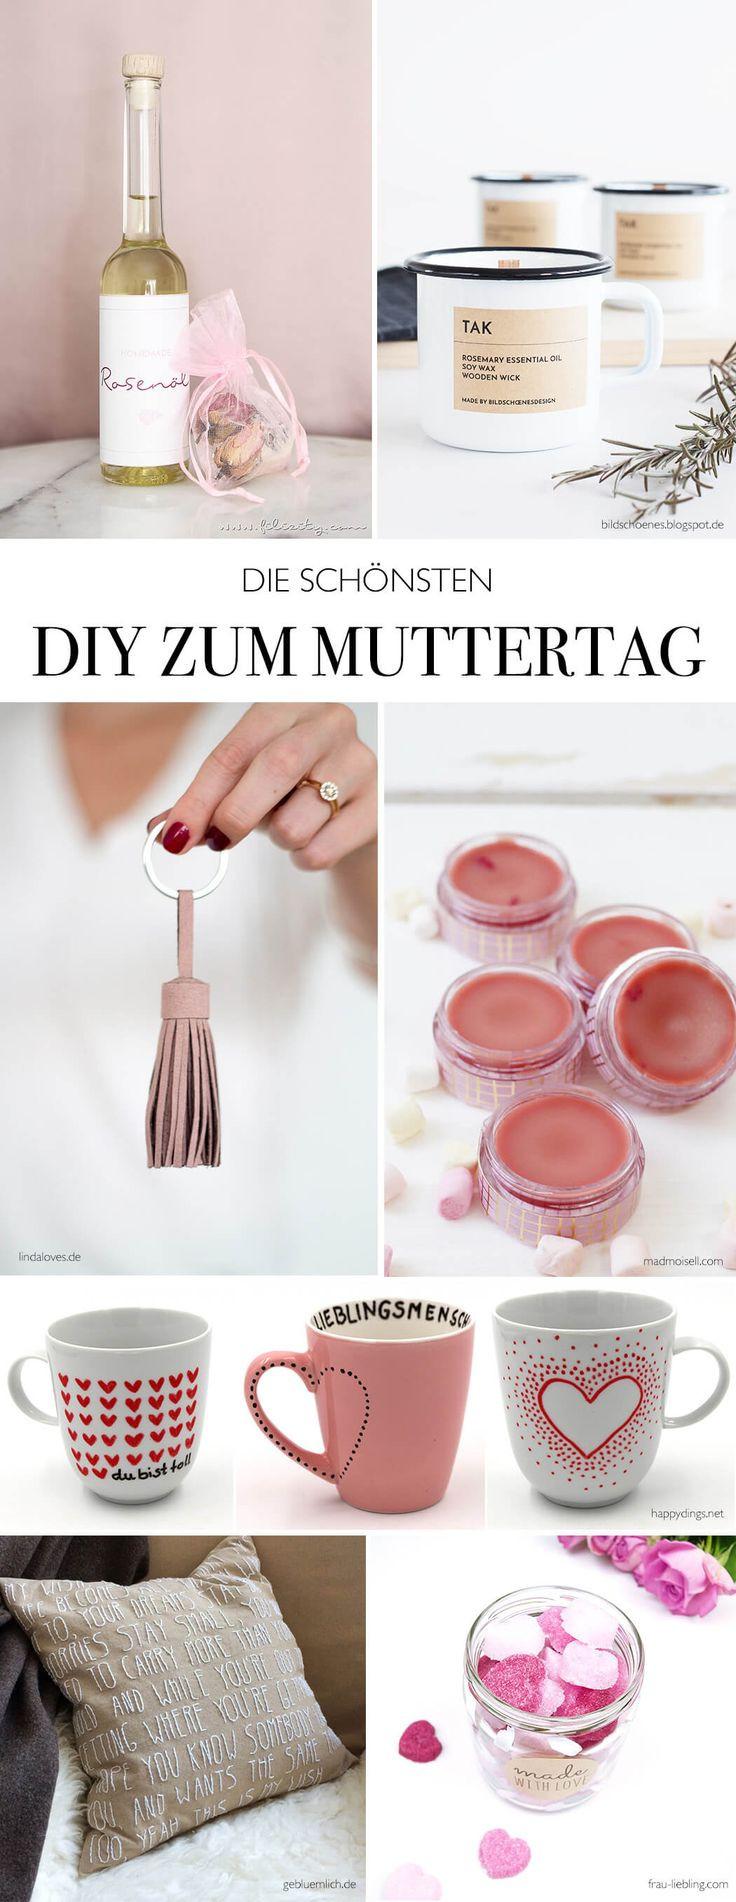 Diy Geschenk  Die 25 besten Ideen zu Muttertagsideen auf Pinterest